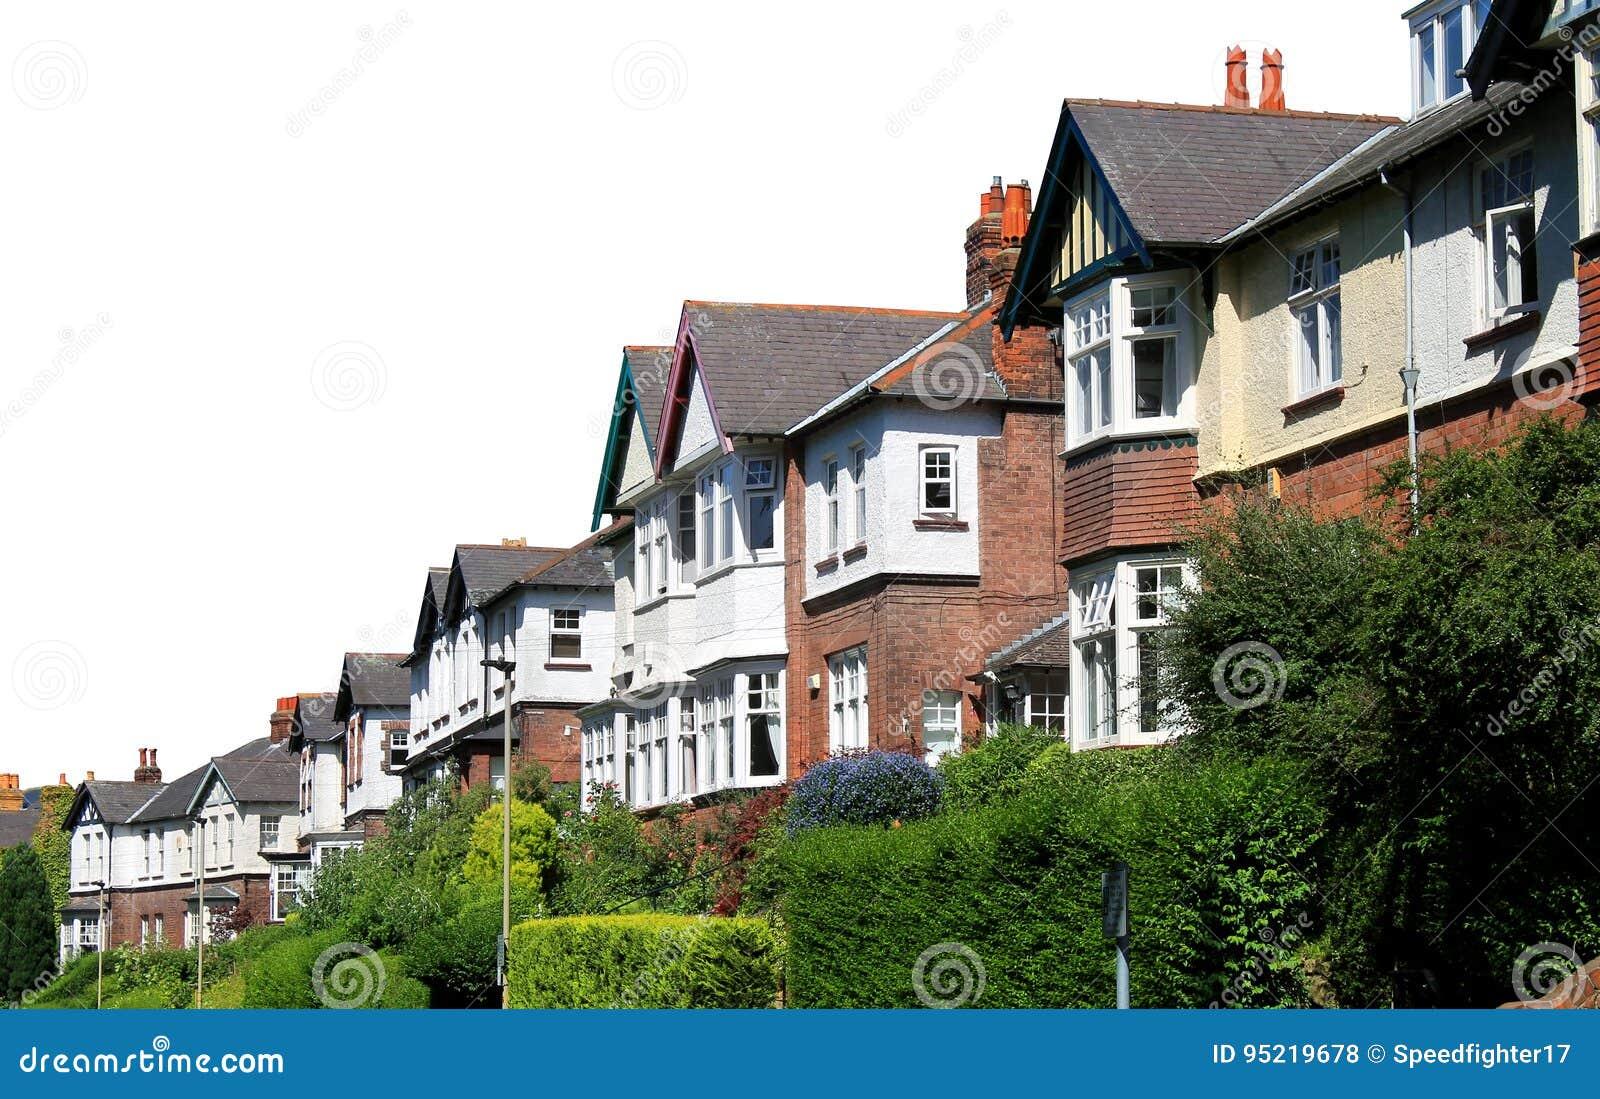 Reihe Von Modernen Häusern In Der Straße Lokalisiert Auf Weiß ...